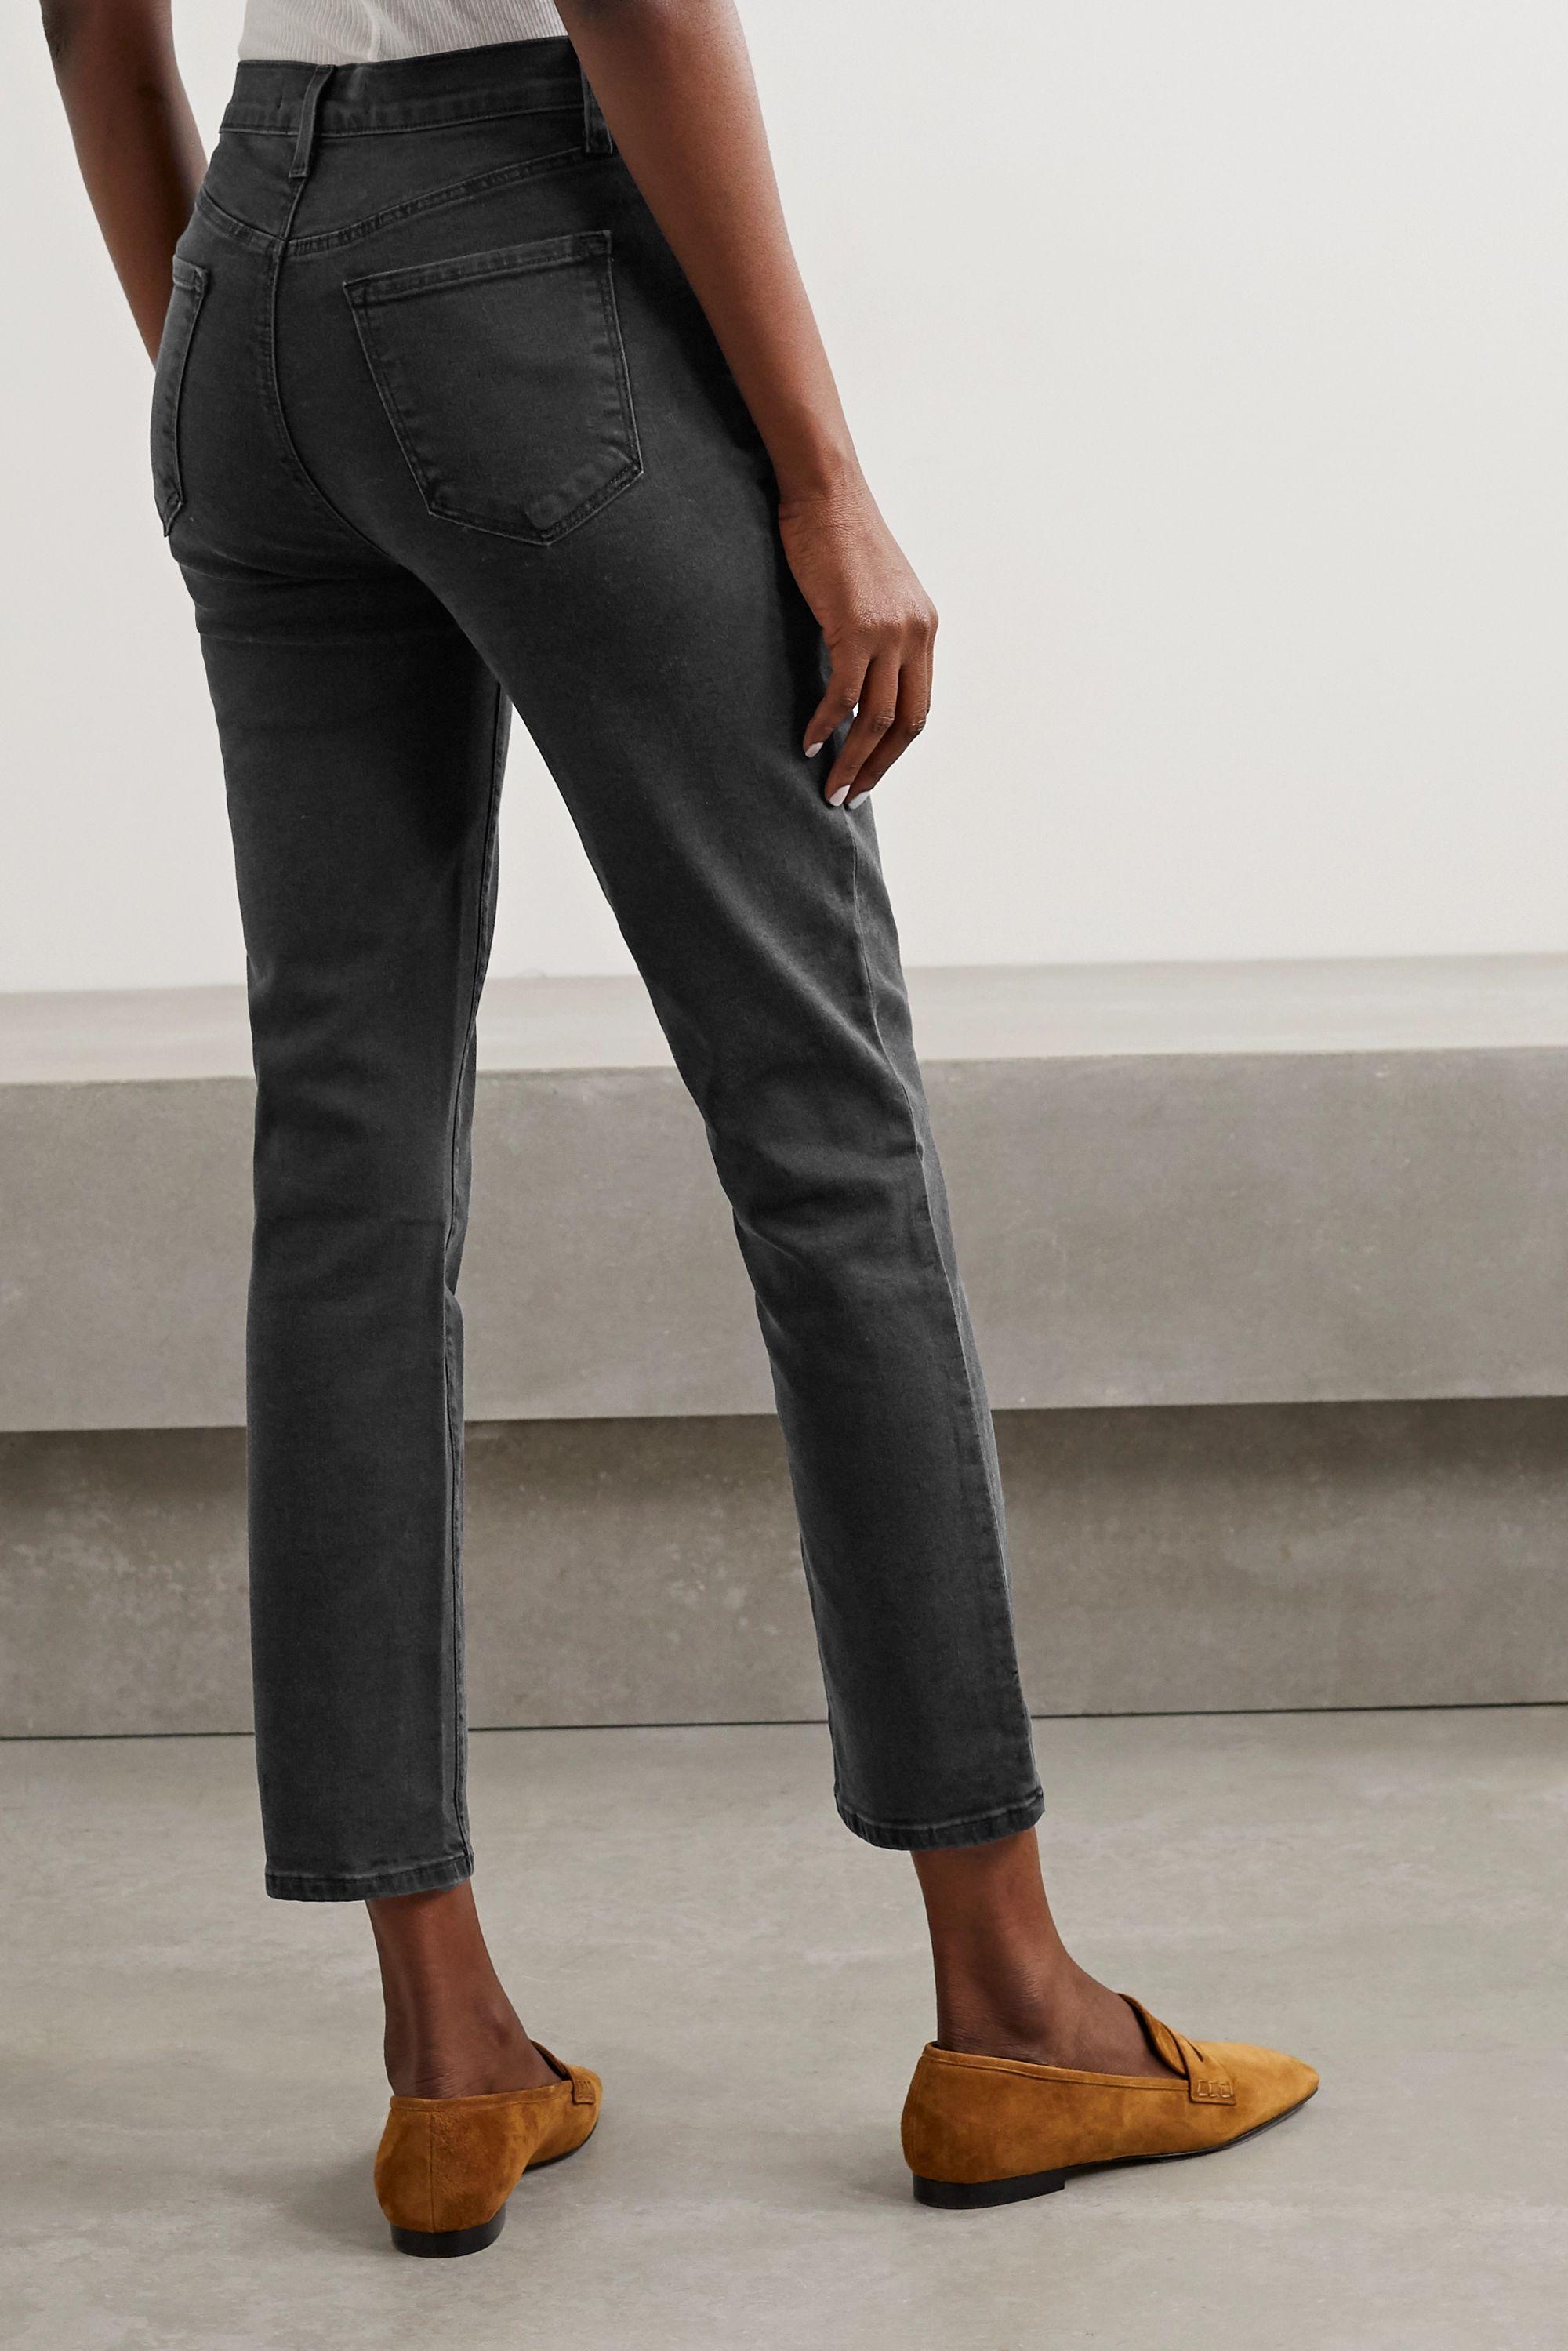 J Brand Alma verkürzte, hoch sitzende Jeans mit geradem Bein